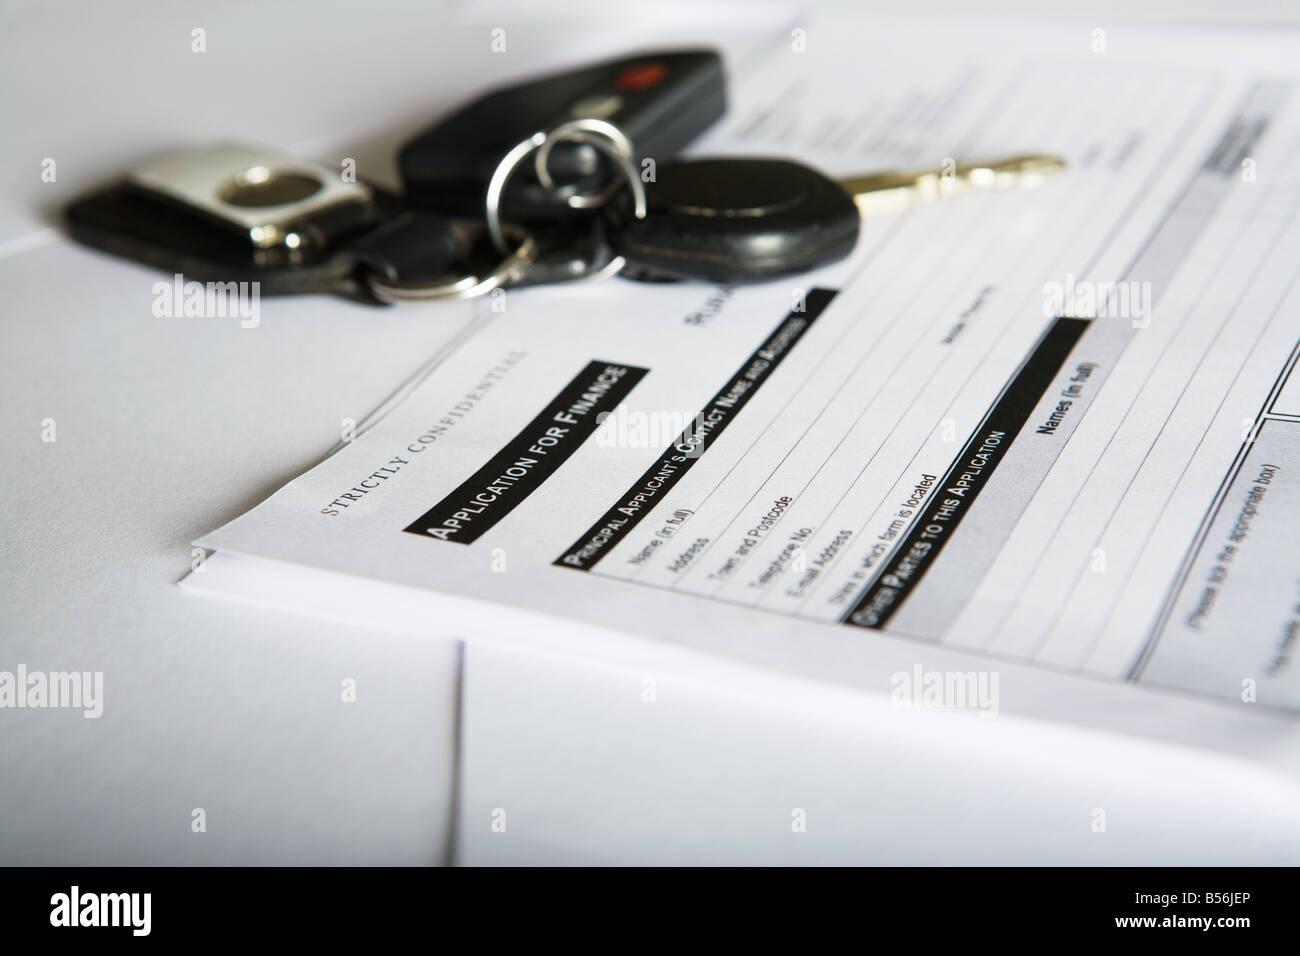 Des clés de voiture et un formulaire de demande Photo Stock